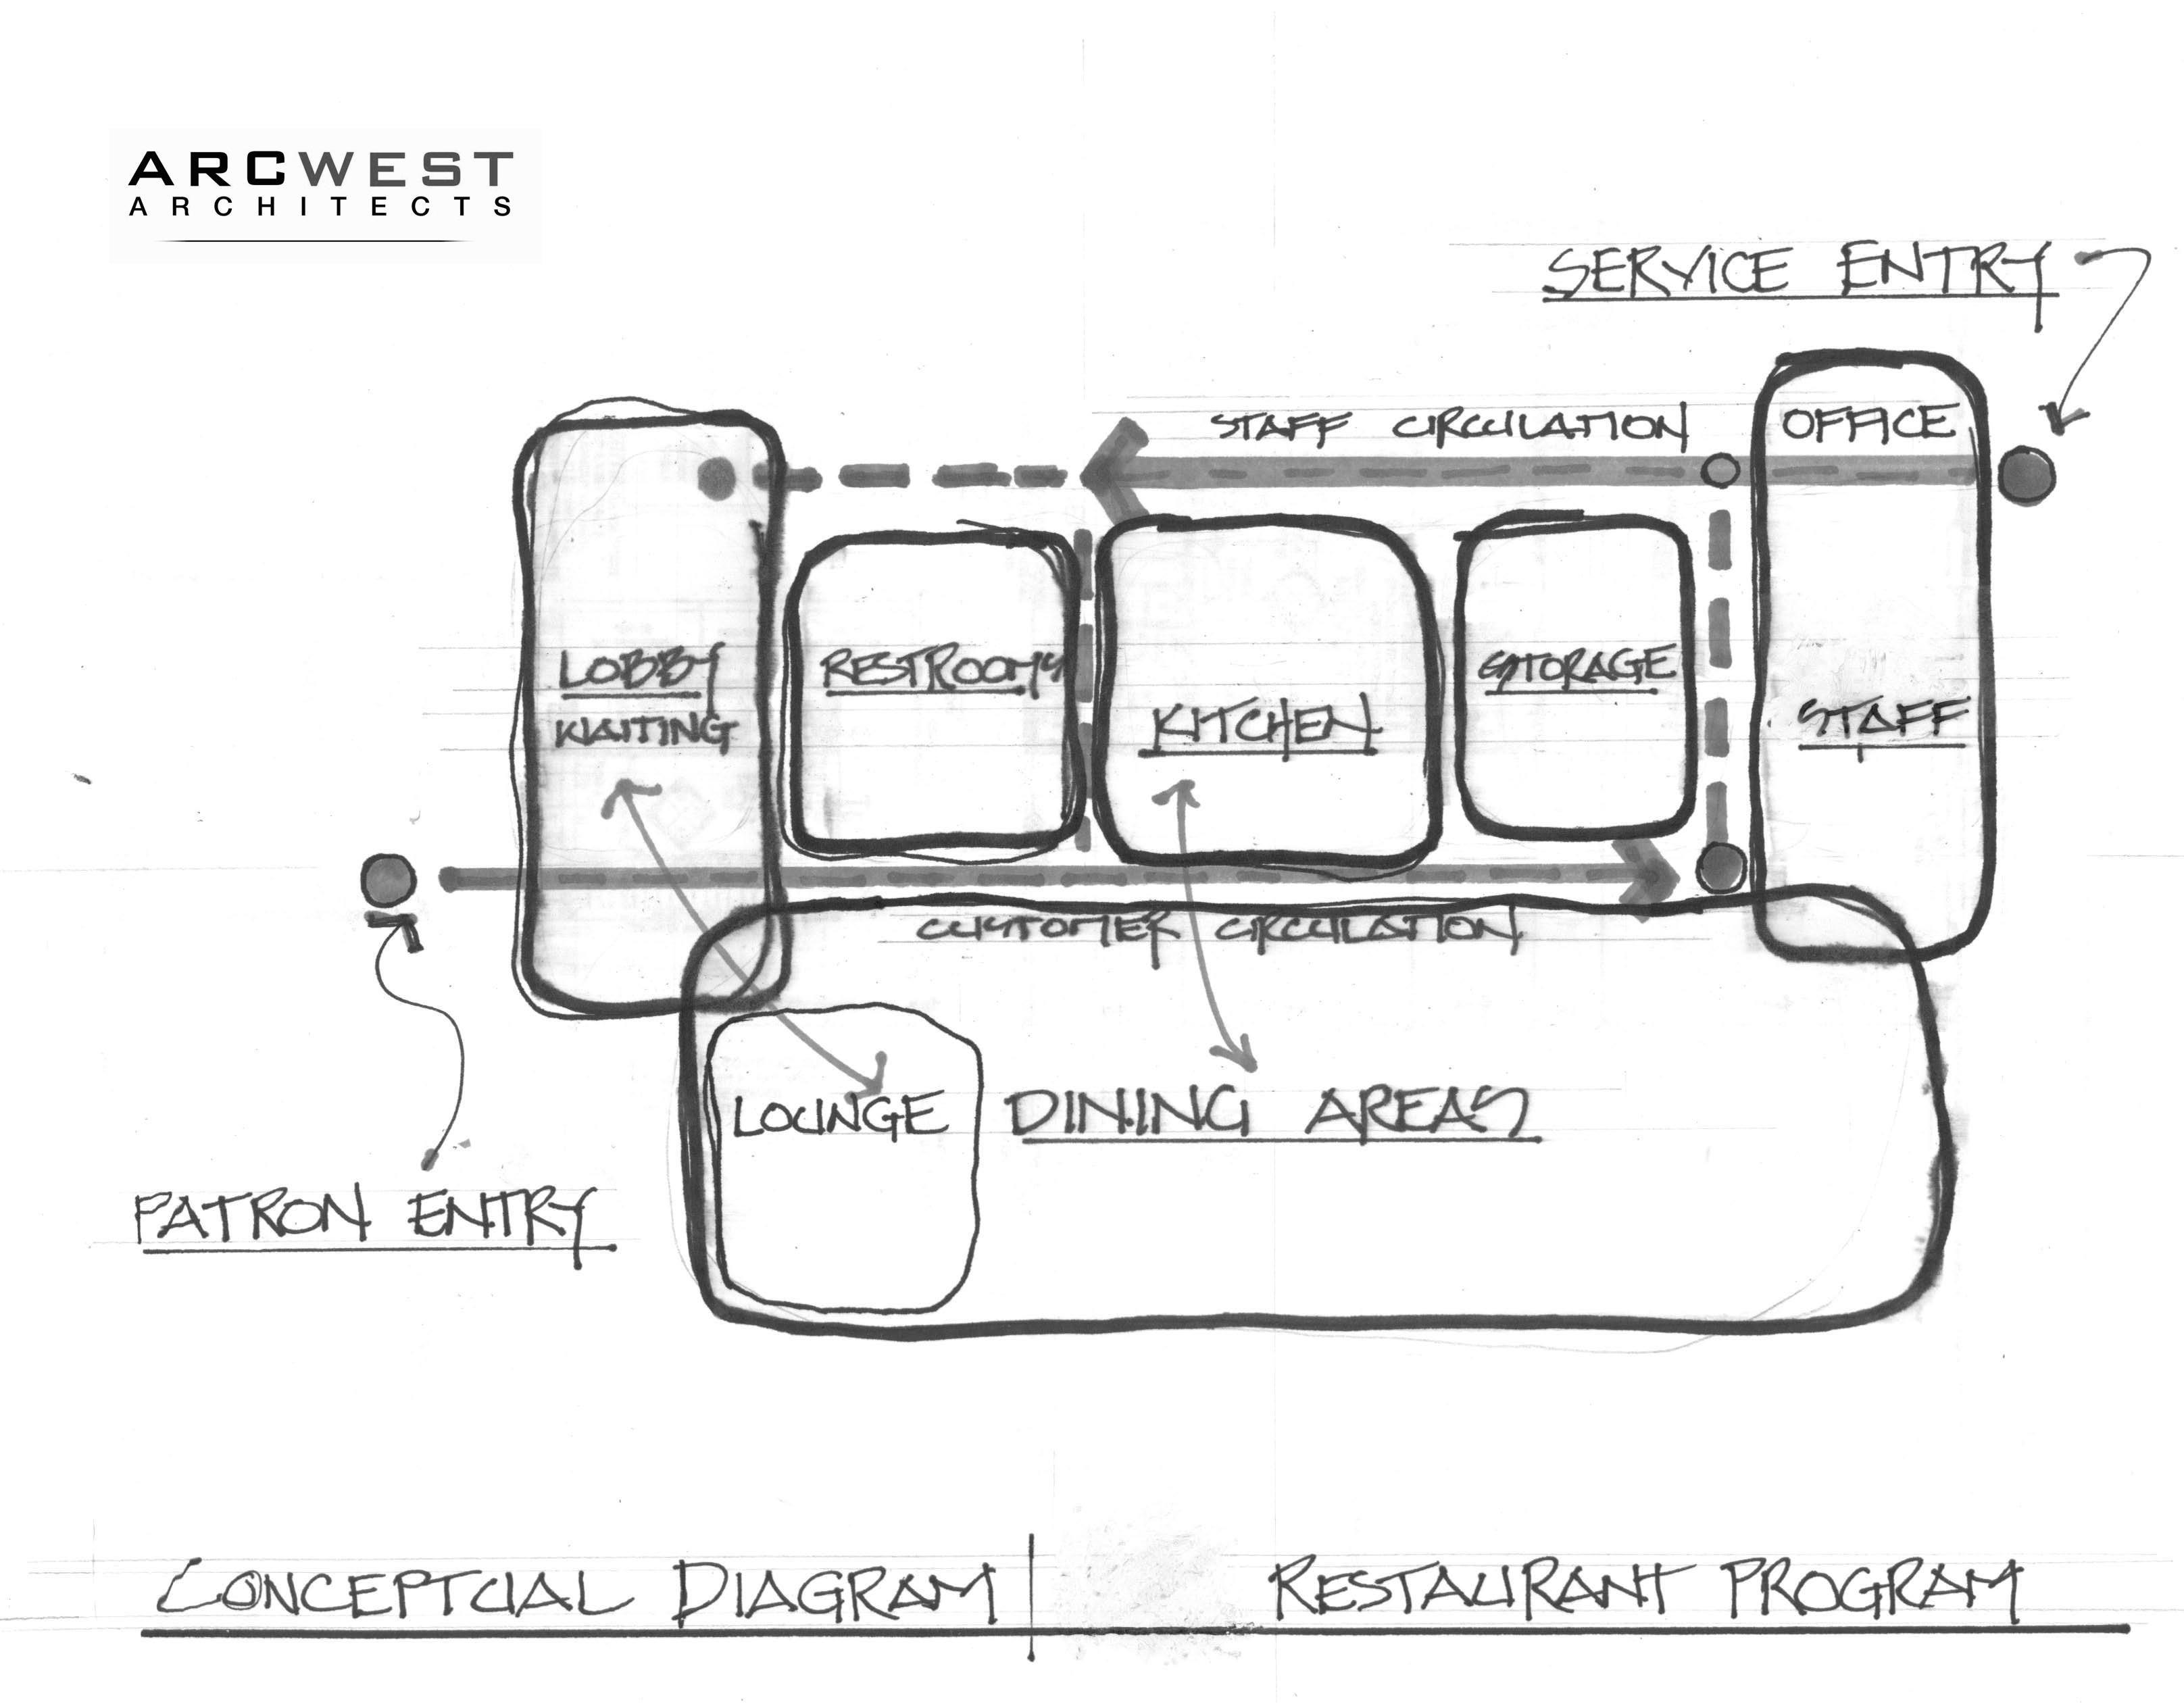 Restaurant program diagram r architecture design